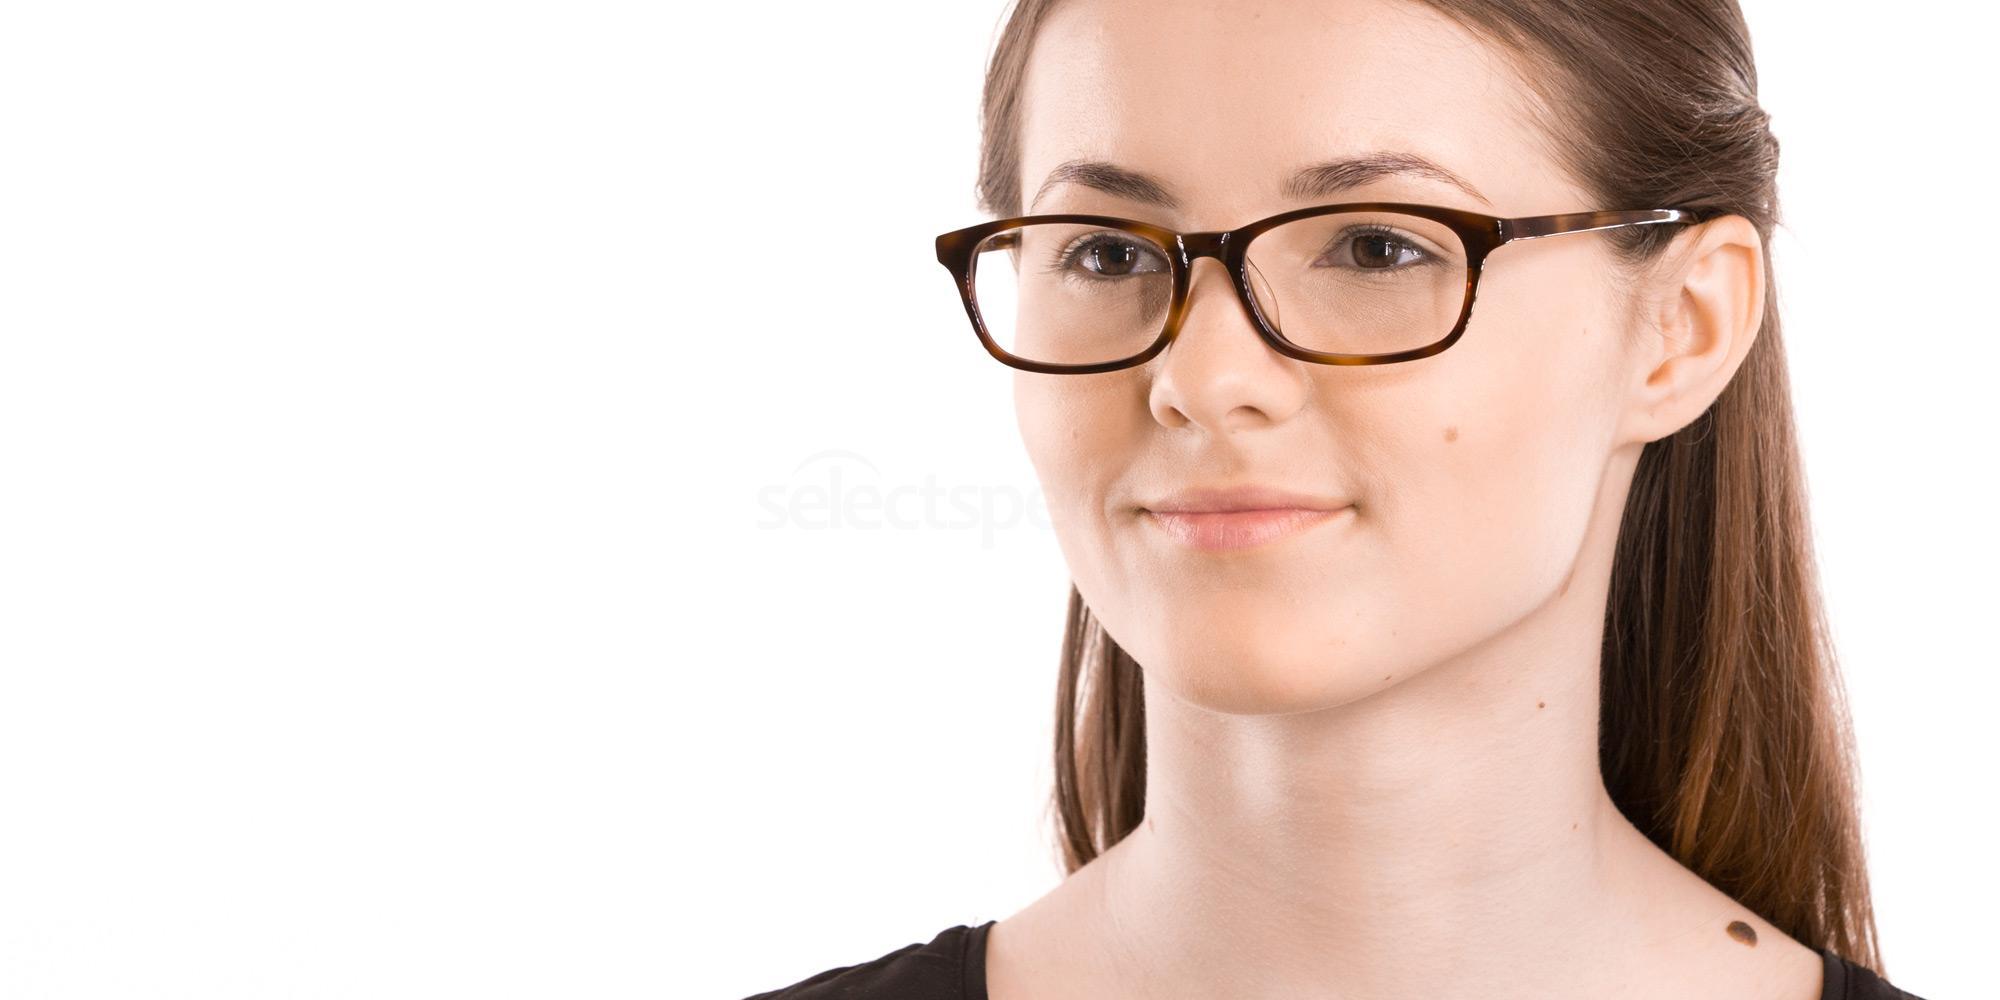 girl-wearing-glasses-hallmark-selectspecs-budget-glasses